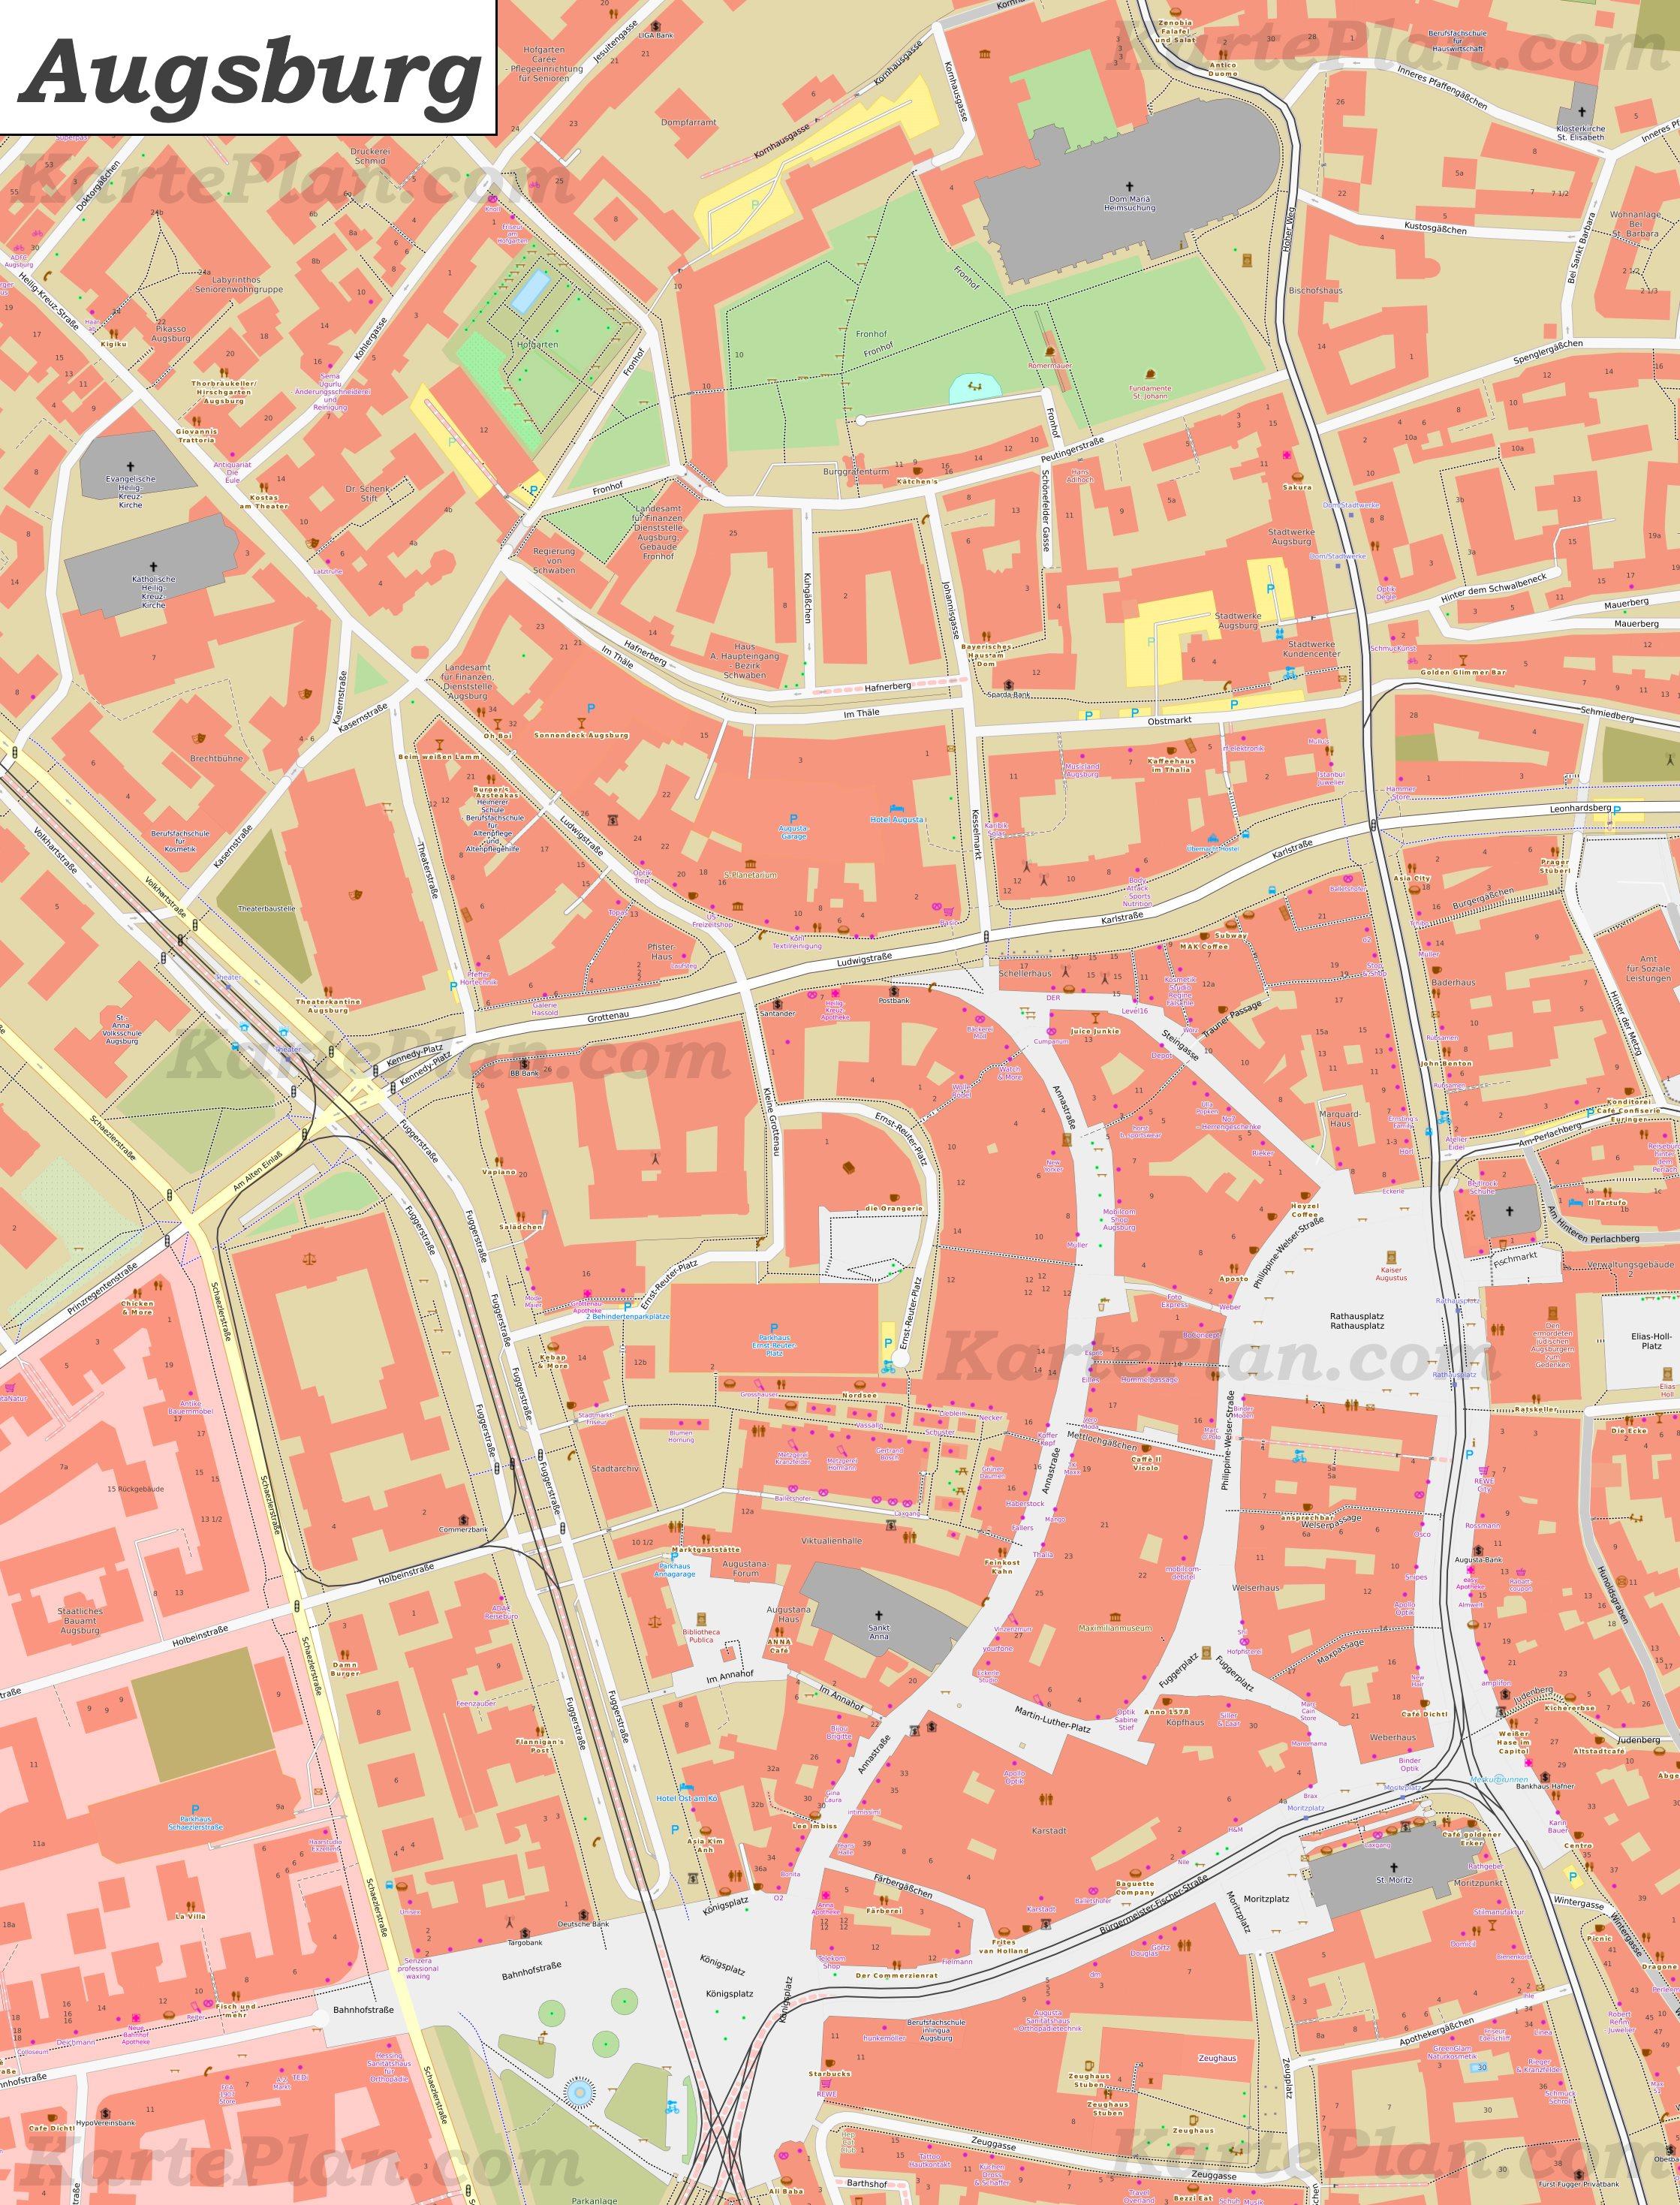 Karte Augsburg.Karte Von Augsburgs Zentrum